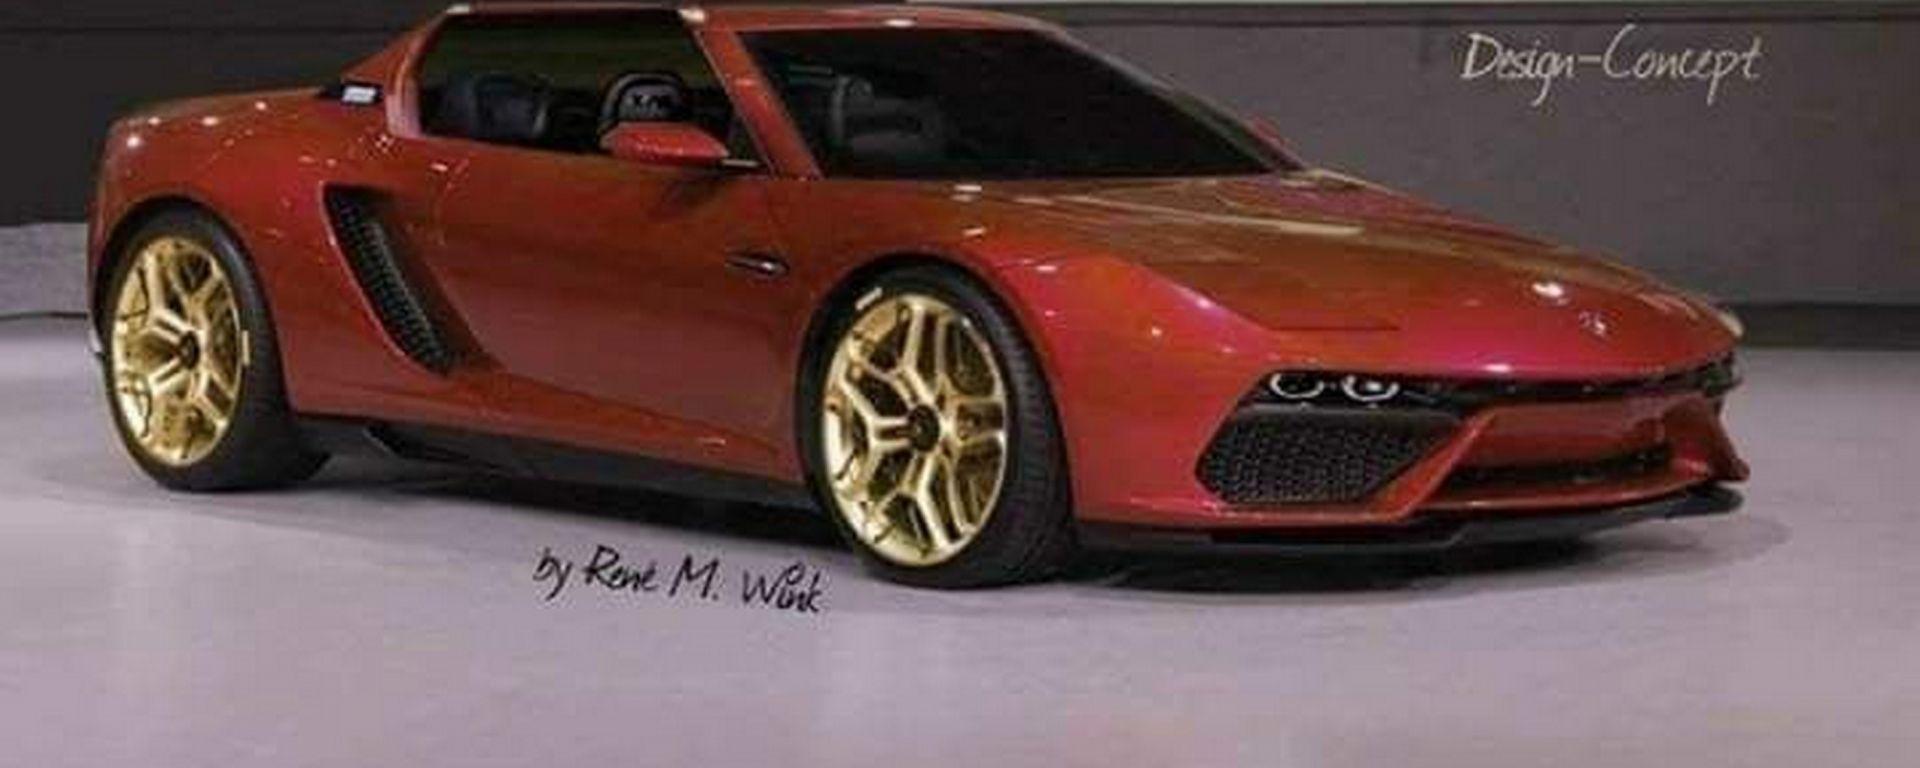 Nuova Fiat X1/9, il progetto grafico del designer René M. Wink